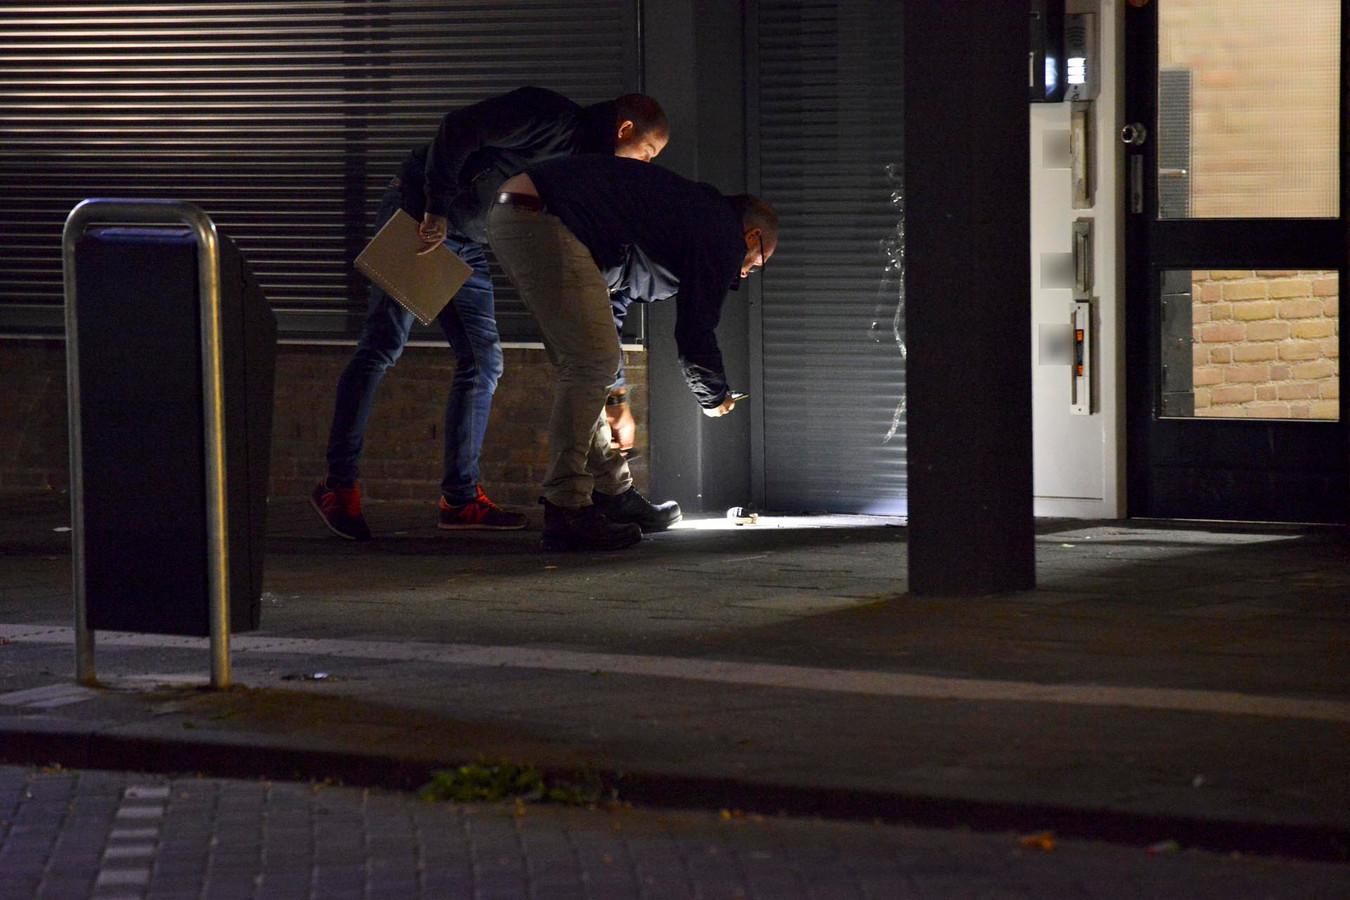 De politie doet onderzoek naar het explosief.